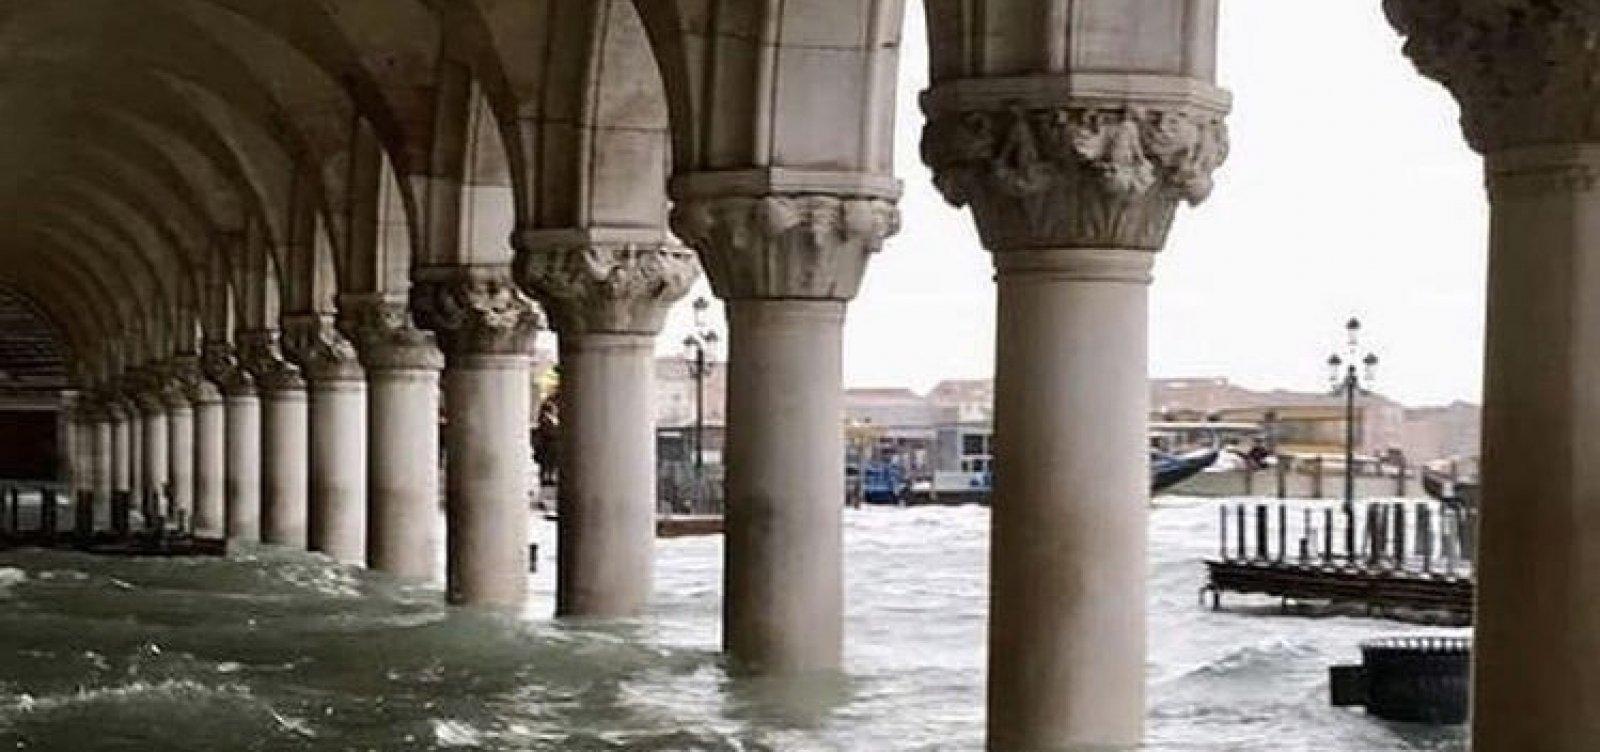 Veneza se recupera após pior inundação da região em 50 anos